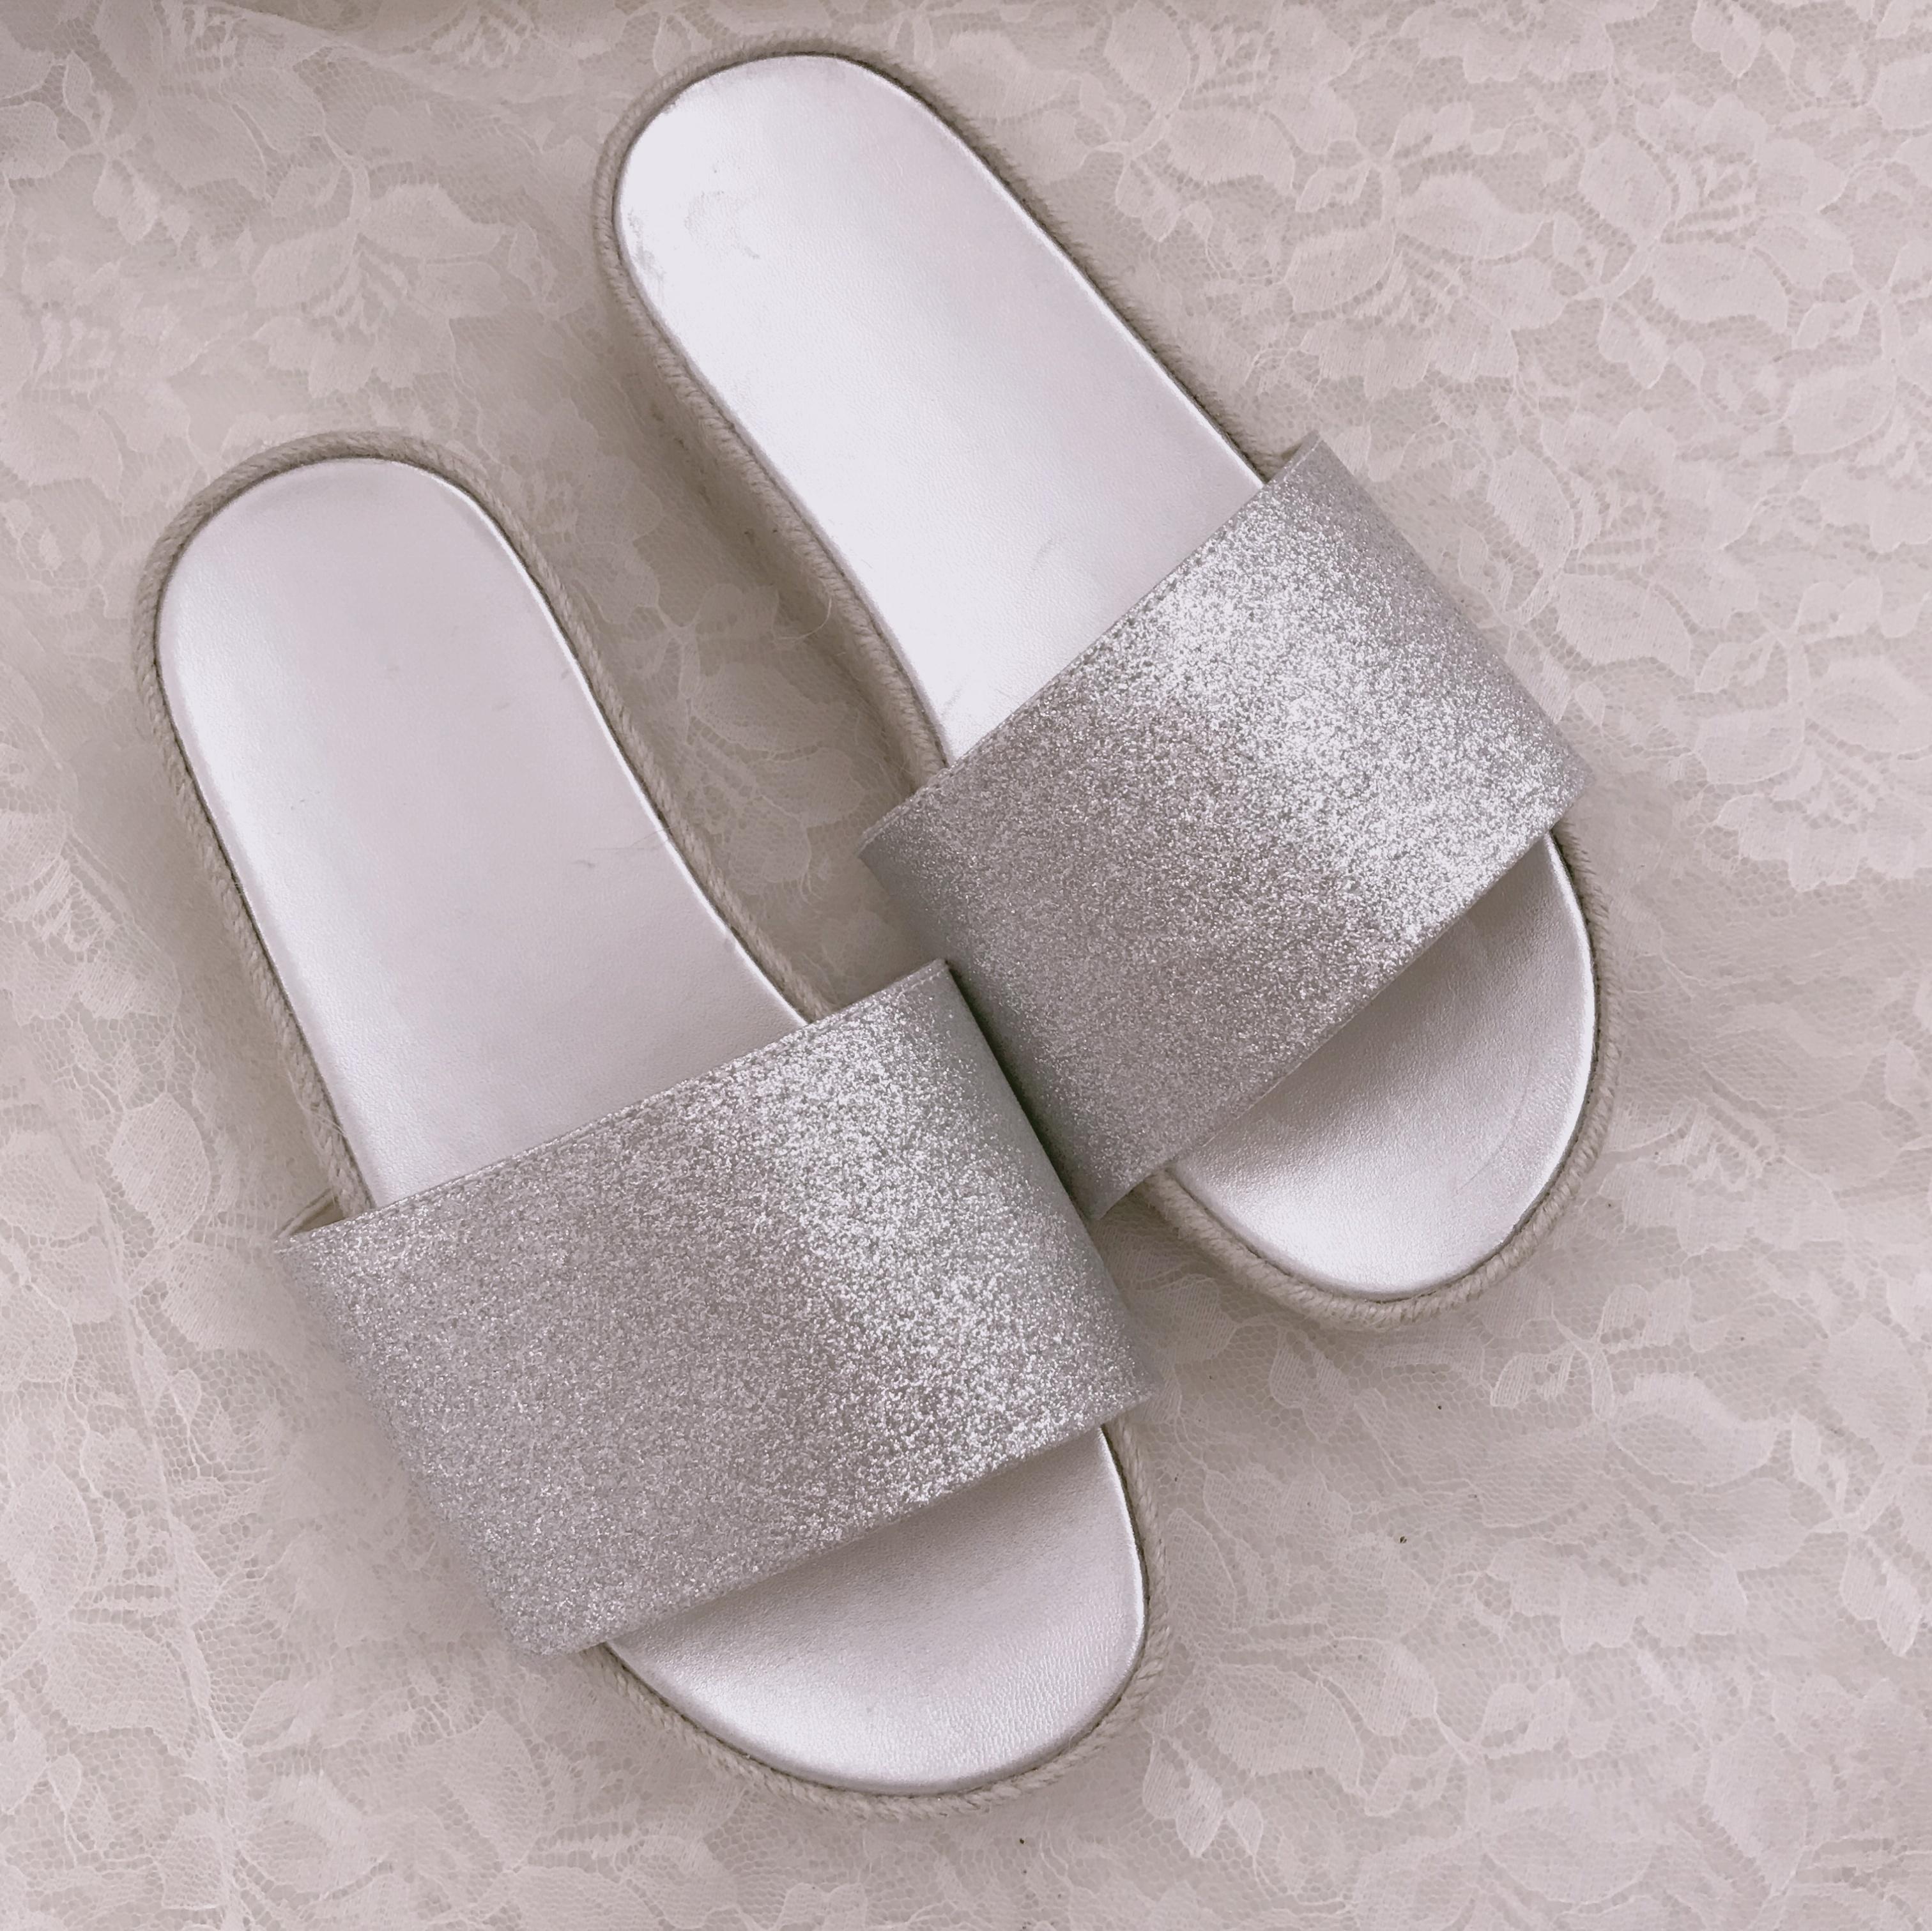 今年のトレンド【シルバーサンダル】GUは履きやすいしプチプラです!_1